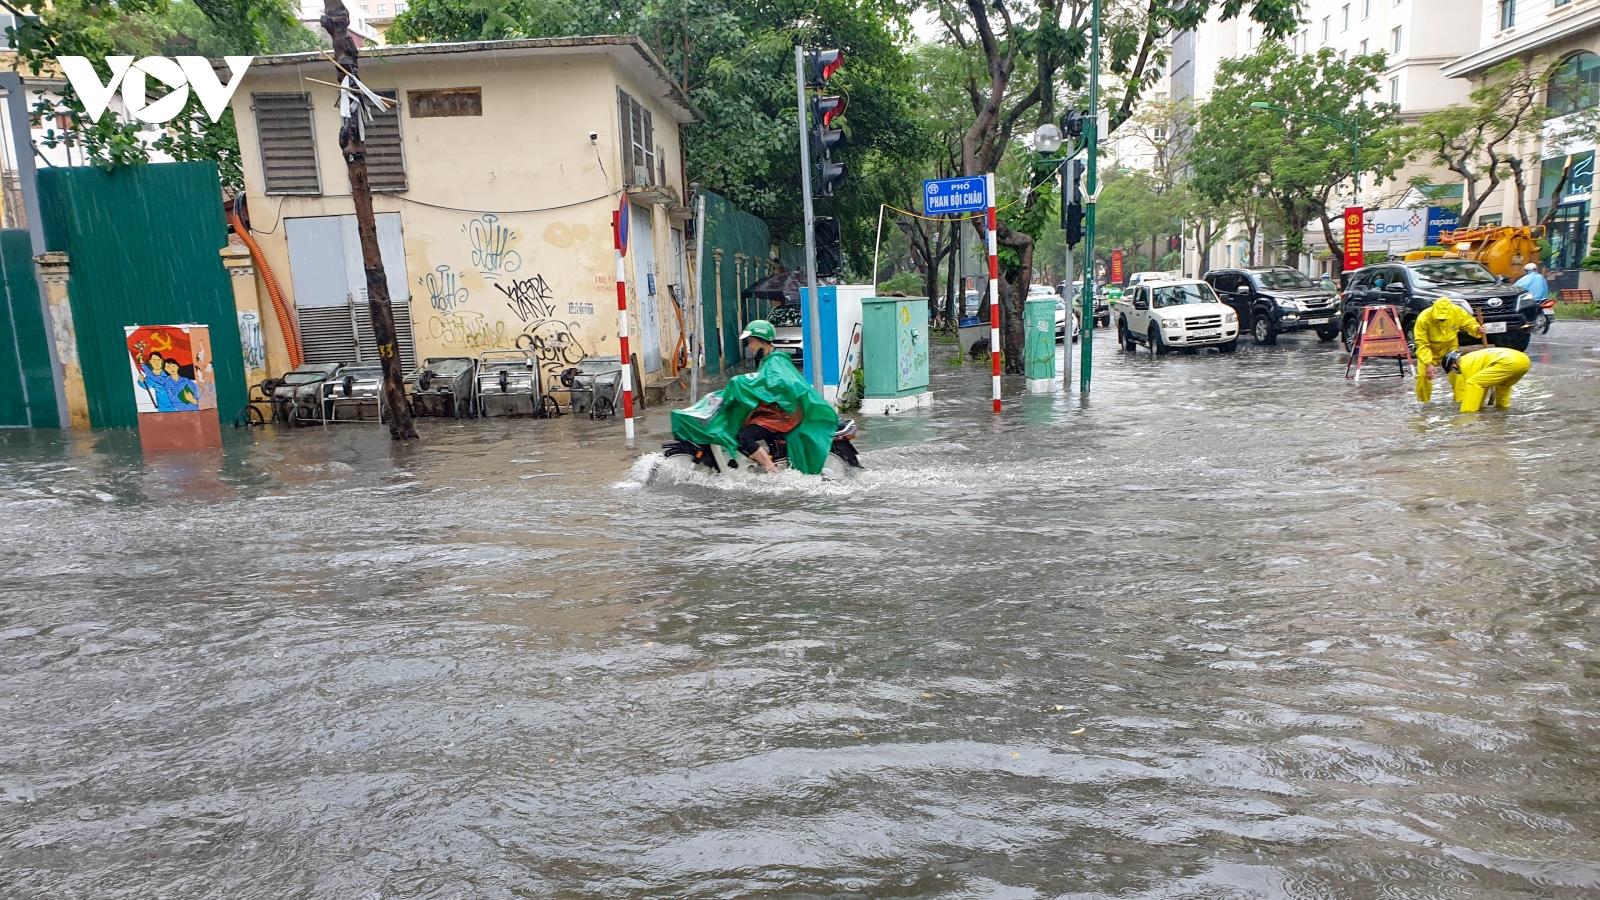 Mưa lớn, nhiều tuyến phố ở Hà Nội ngập sâu trong nước